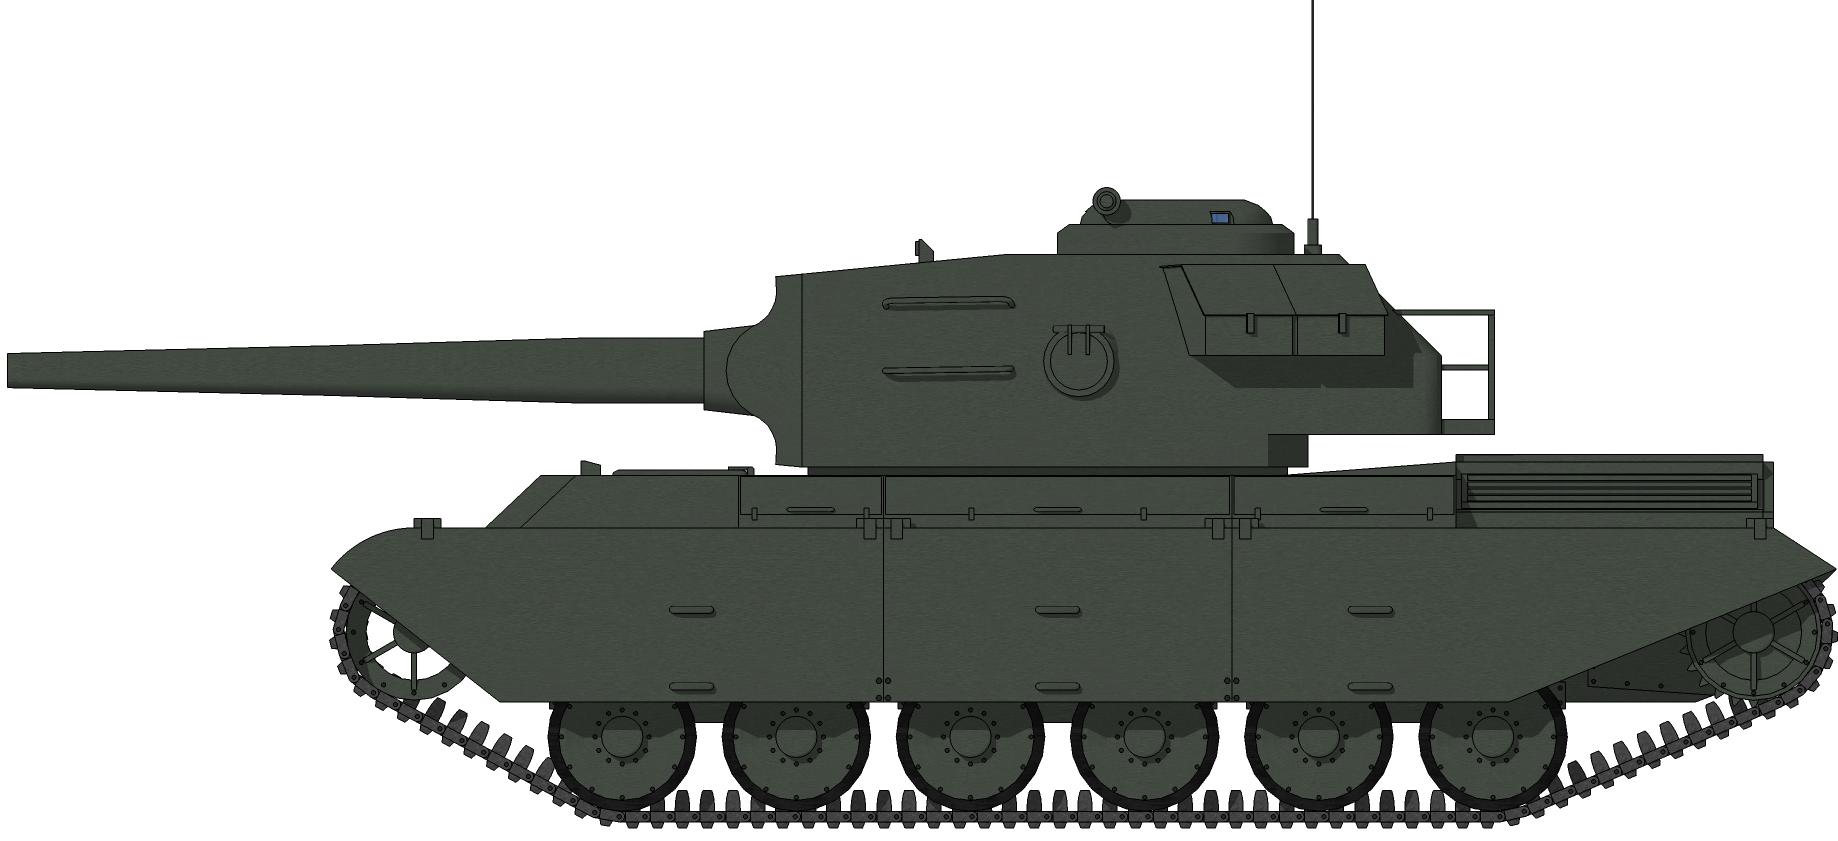 Chimera heavy tank